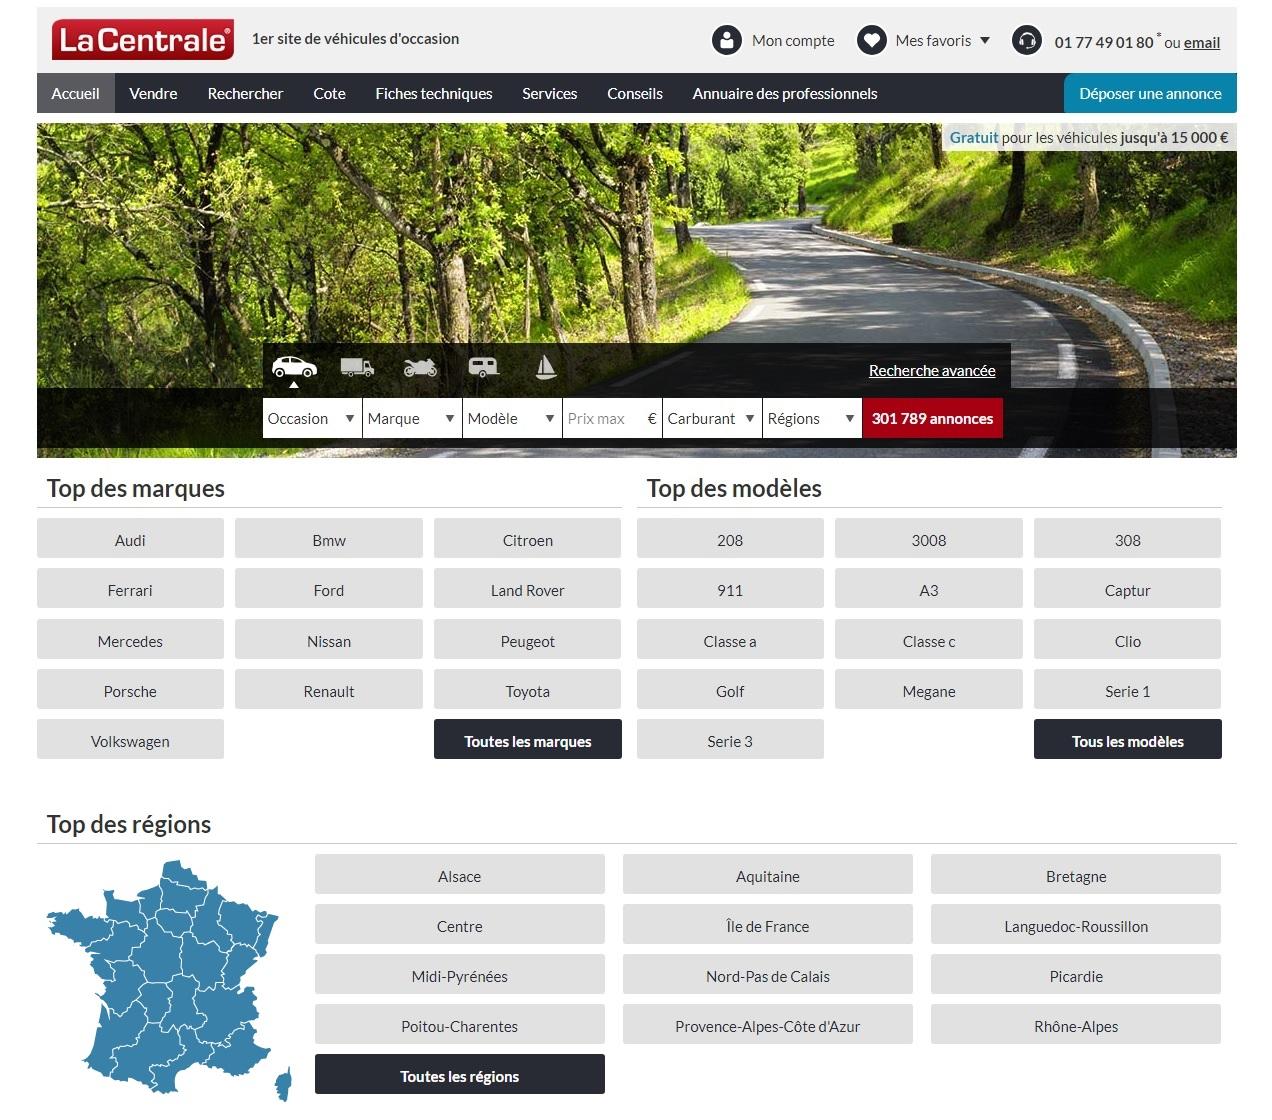 lacentrale.fr Auto occasion La Centrale Annonces Moto pro